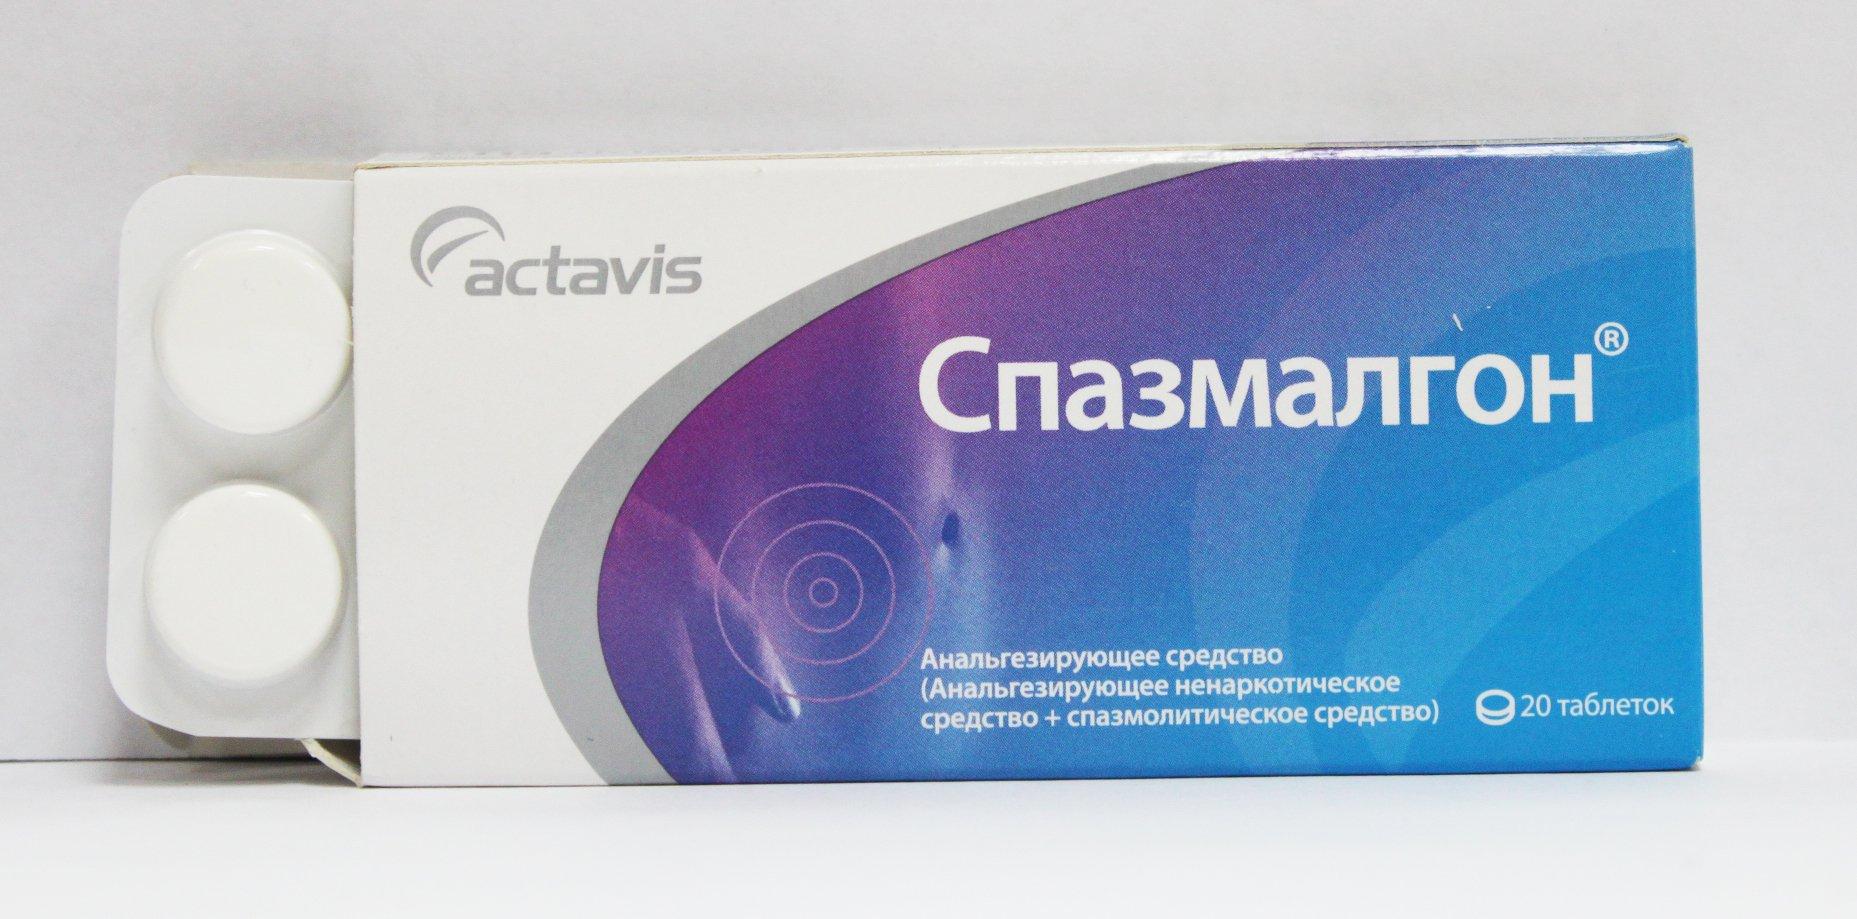 Можно ли прервать беременность таблетками